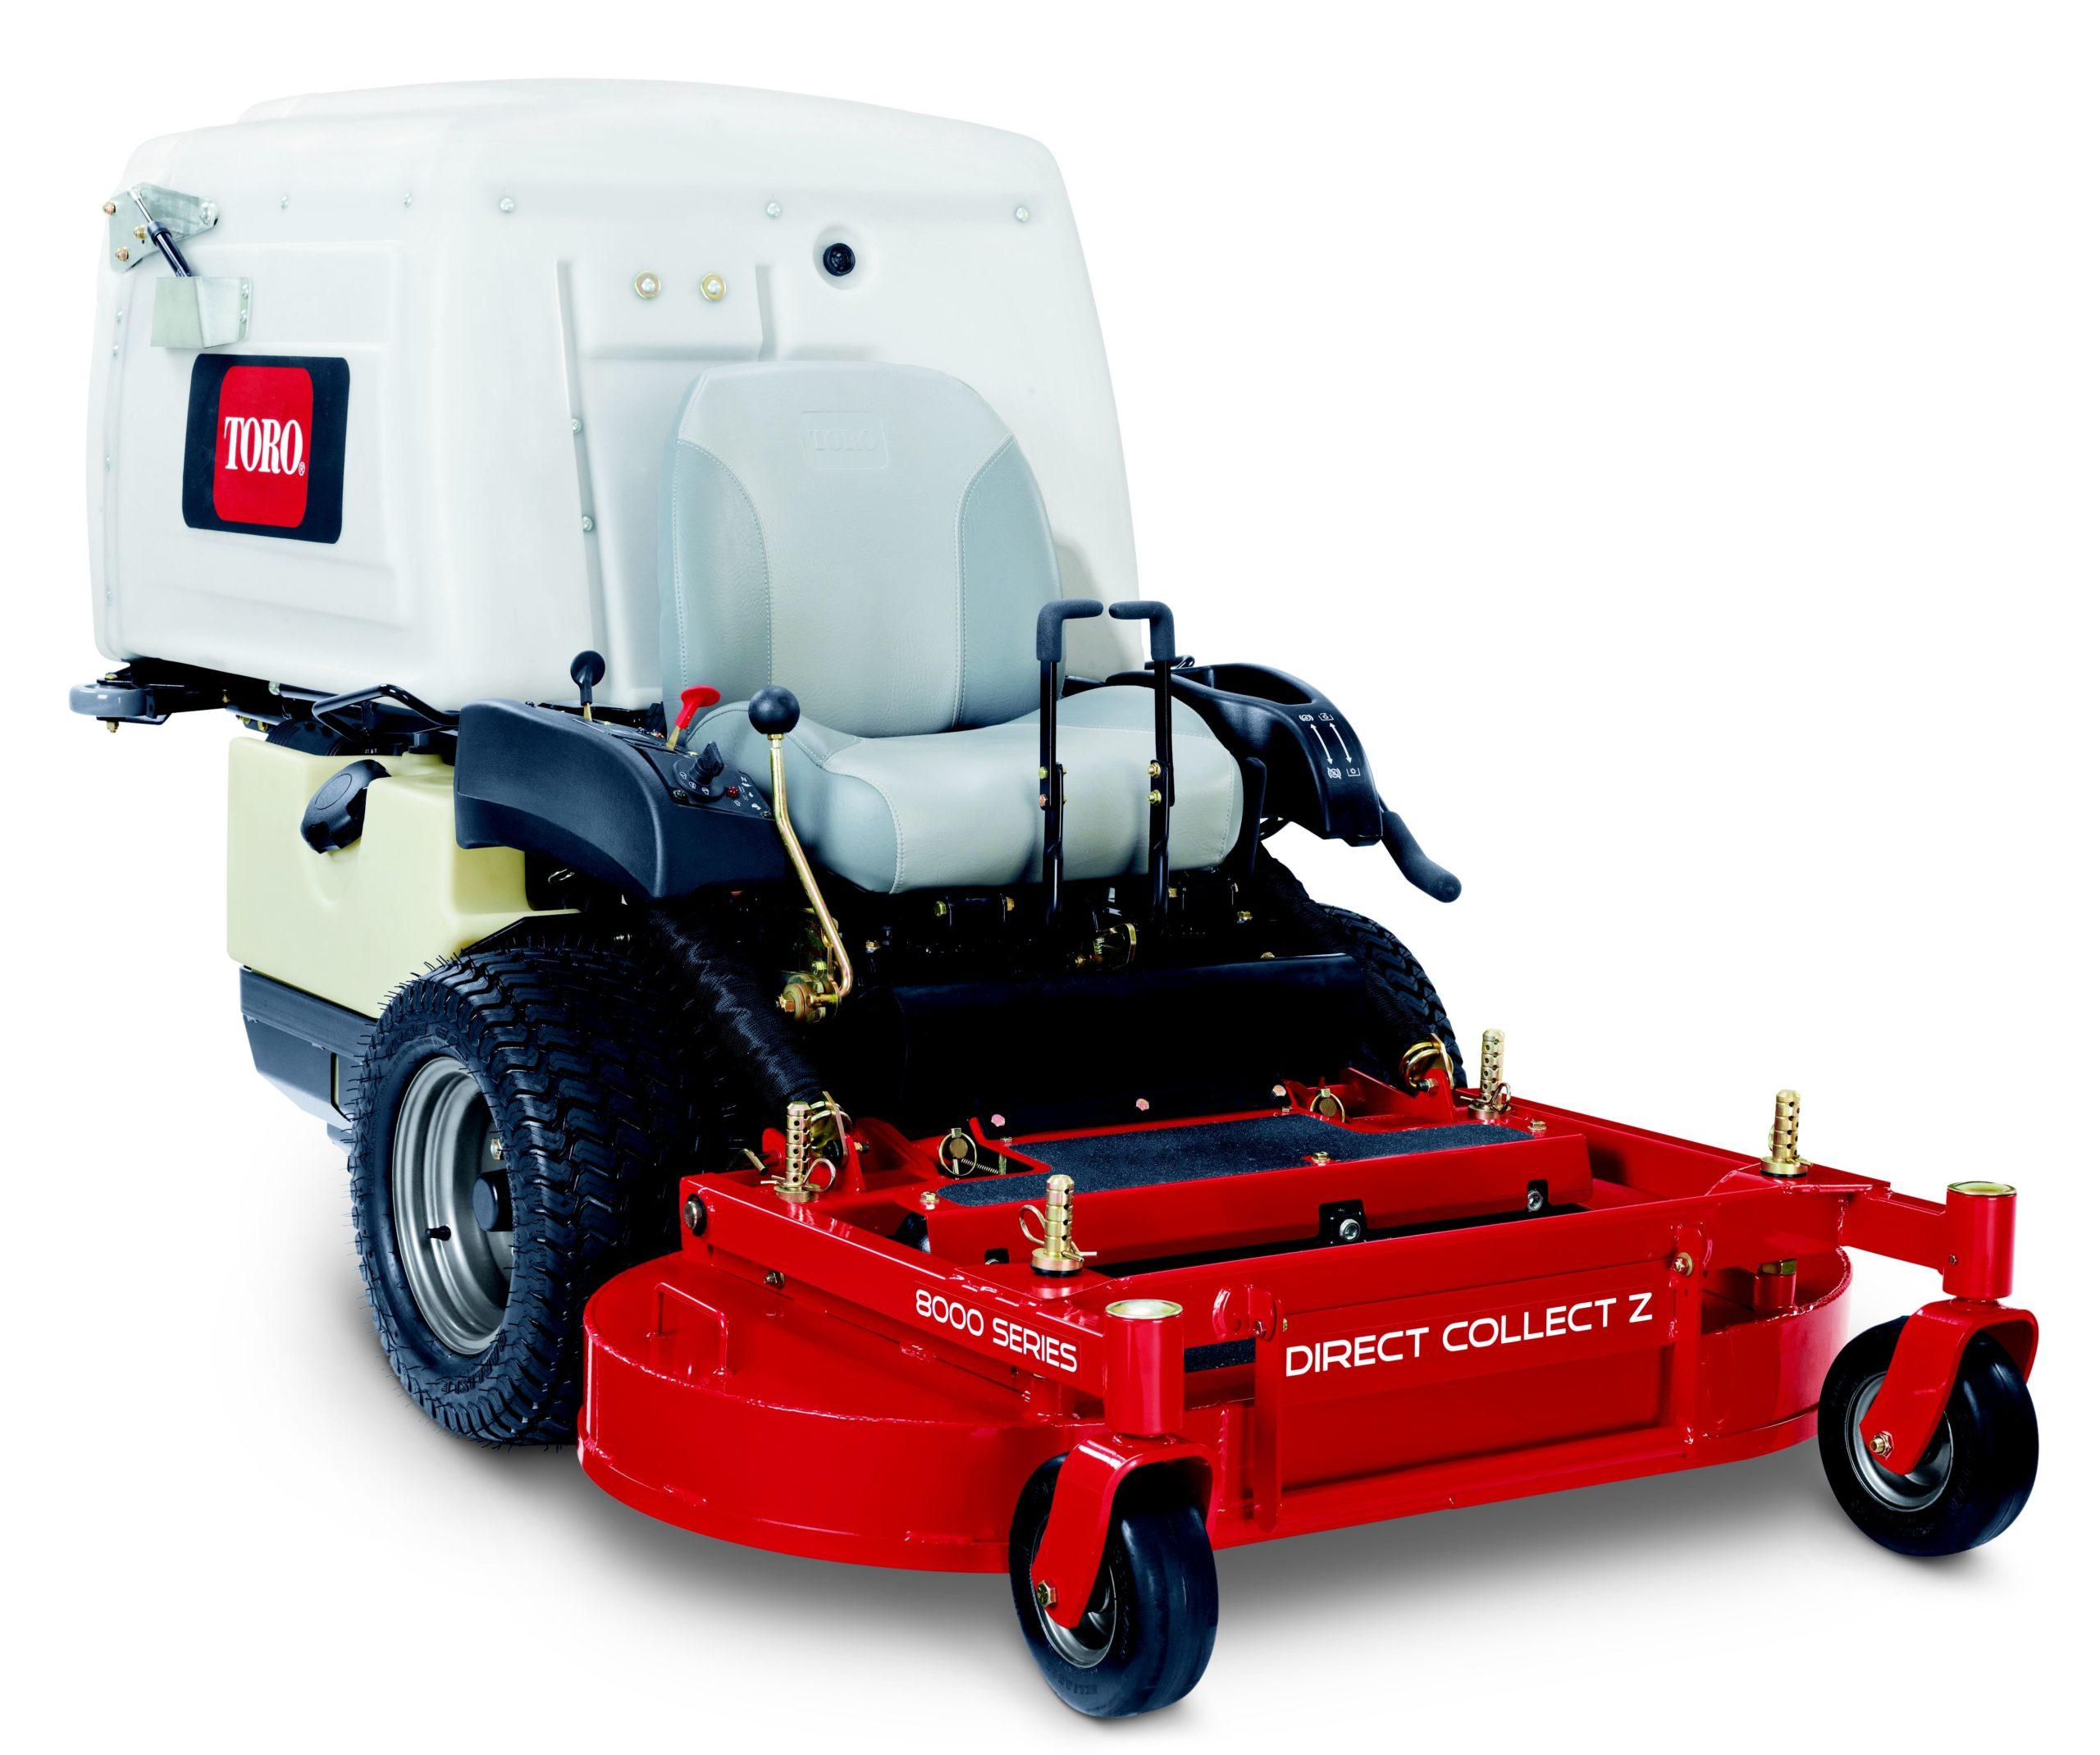 Kosiarka ozerowym promieniu skrętu Toro® ZMaster Seria 8000